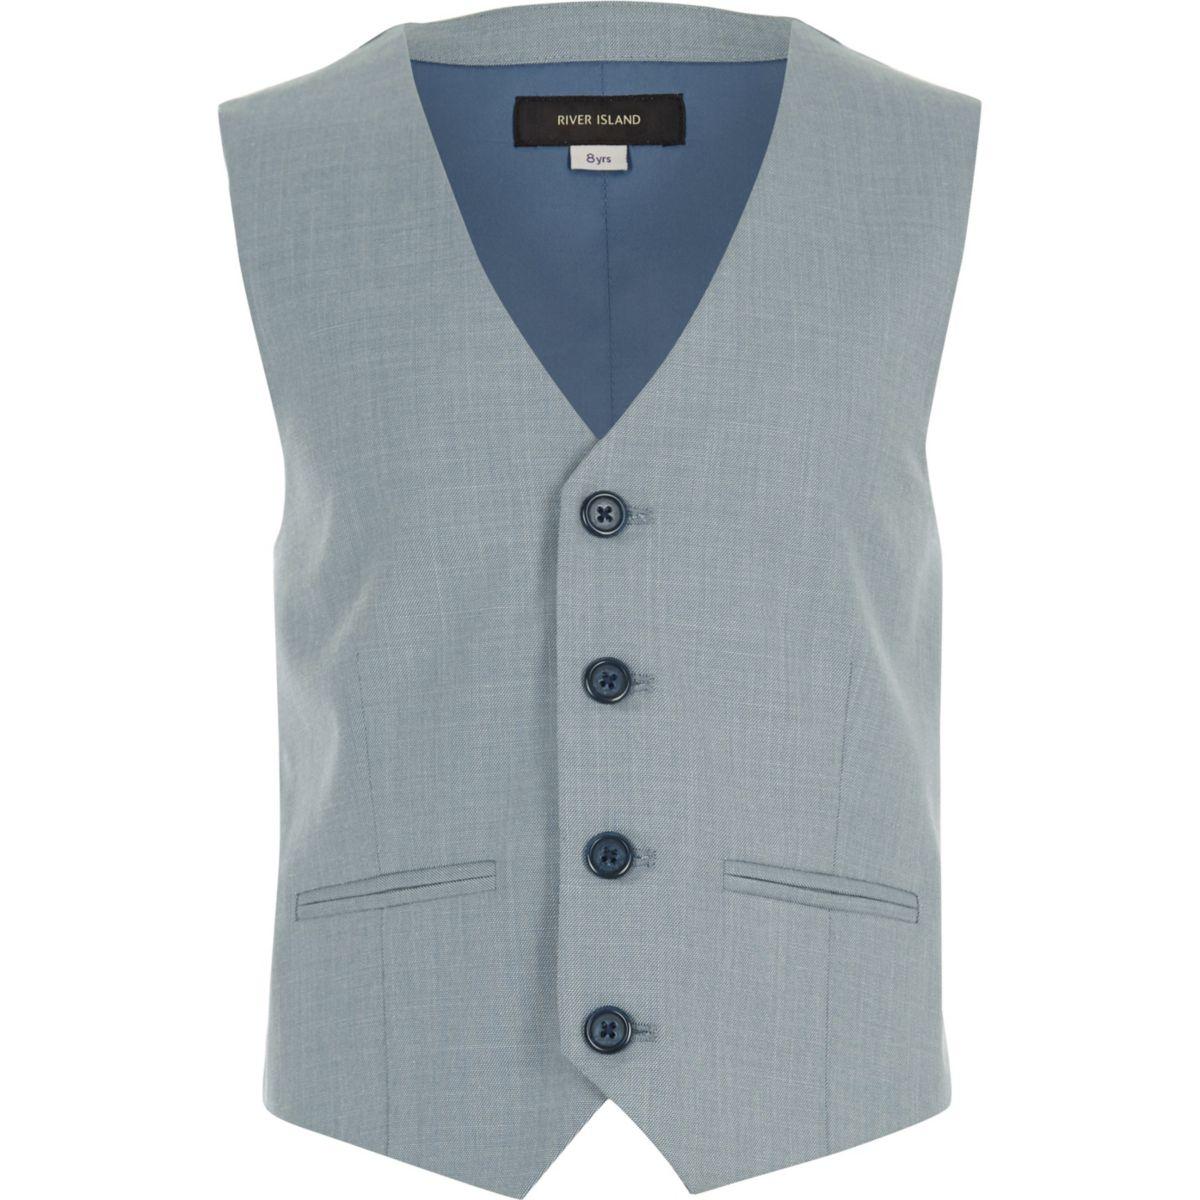 Boys light blue suit vest